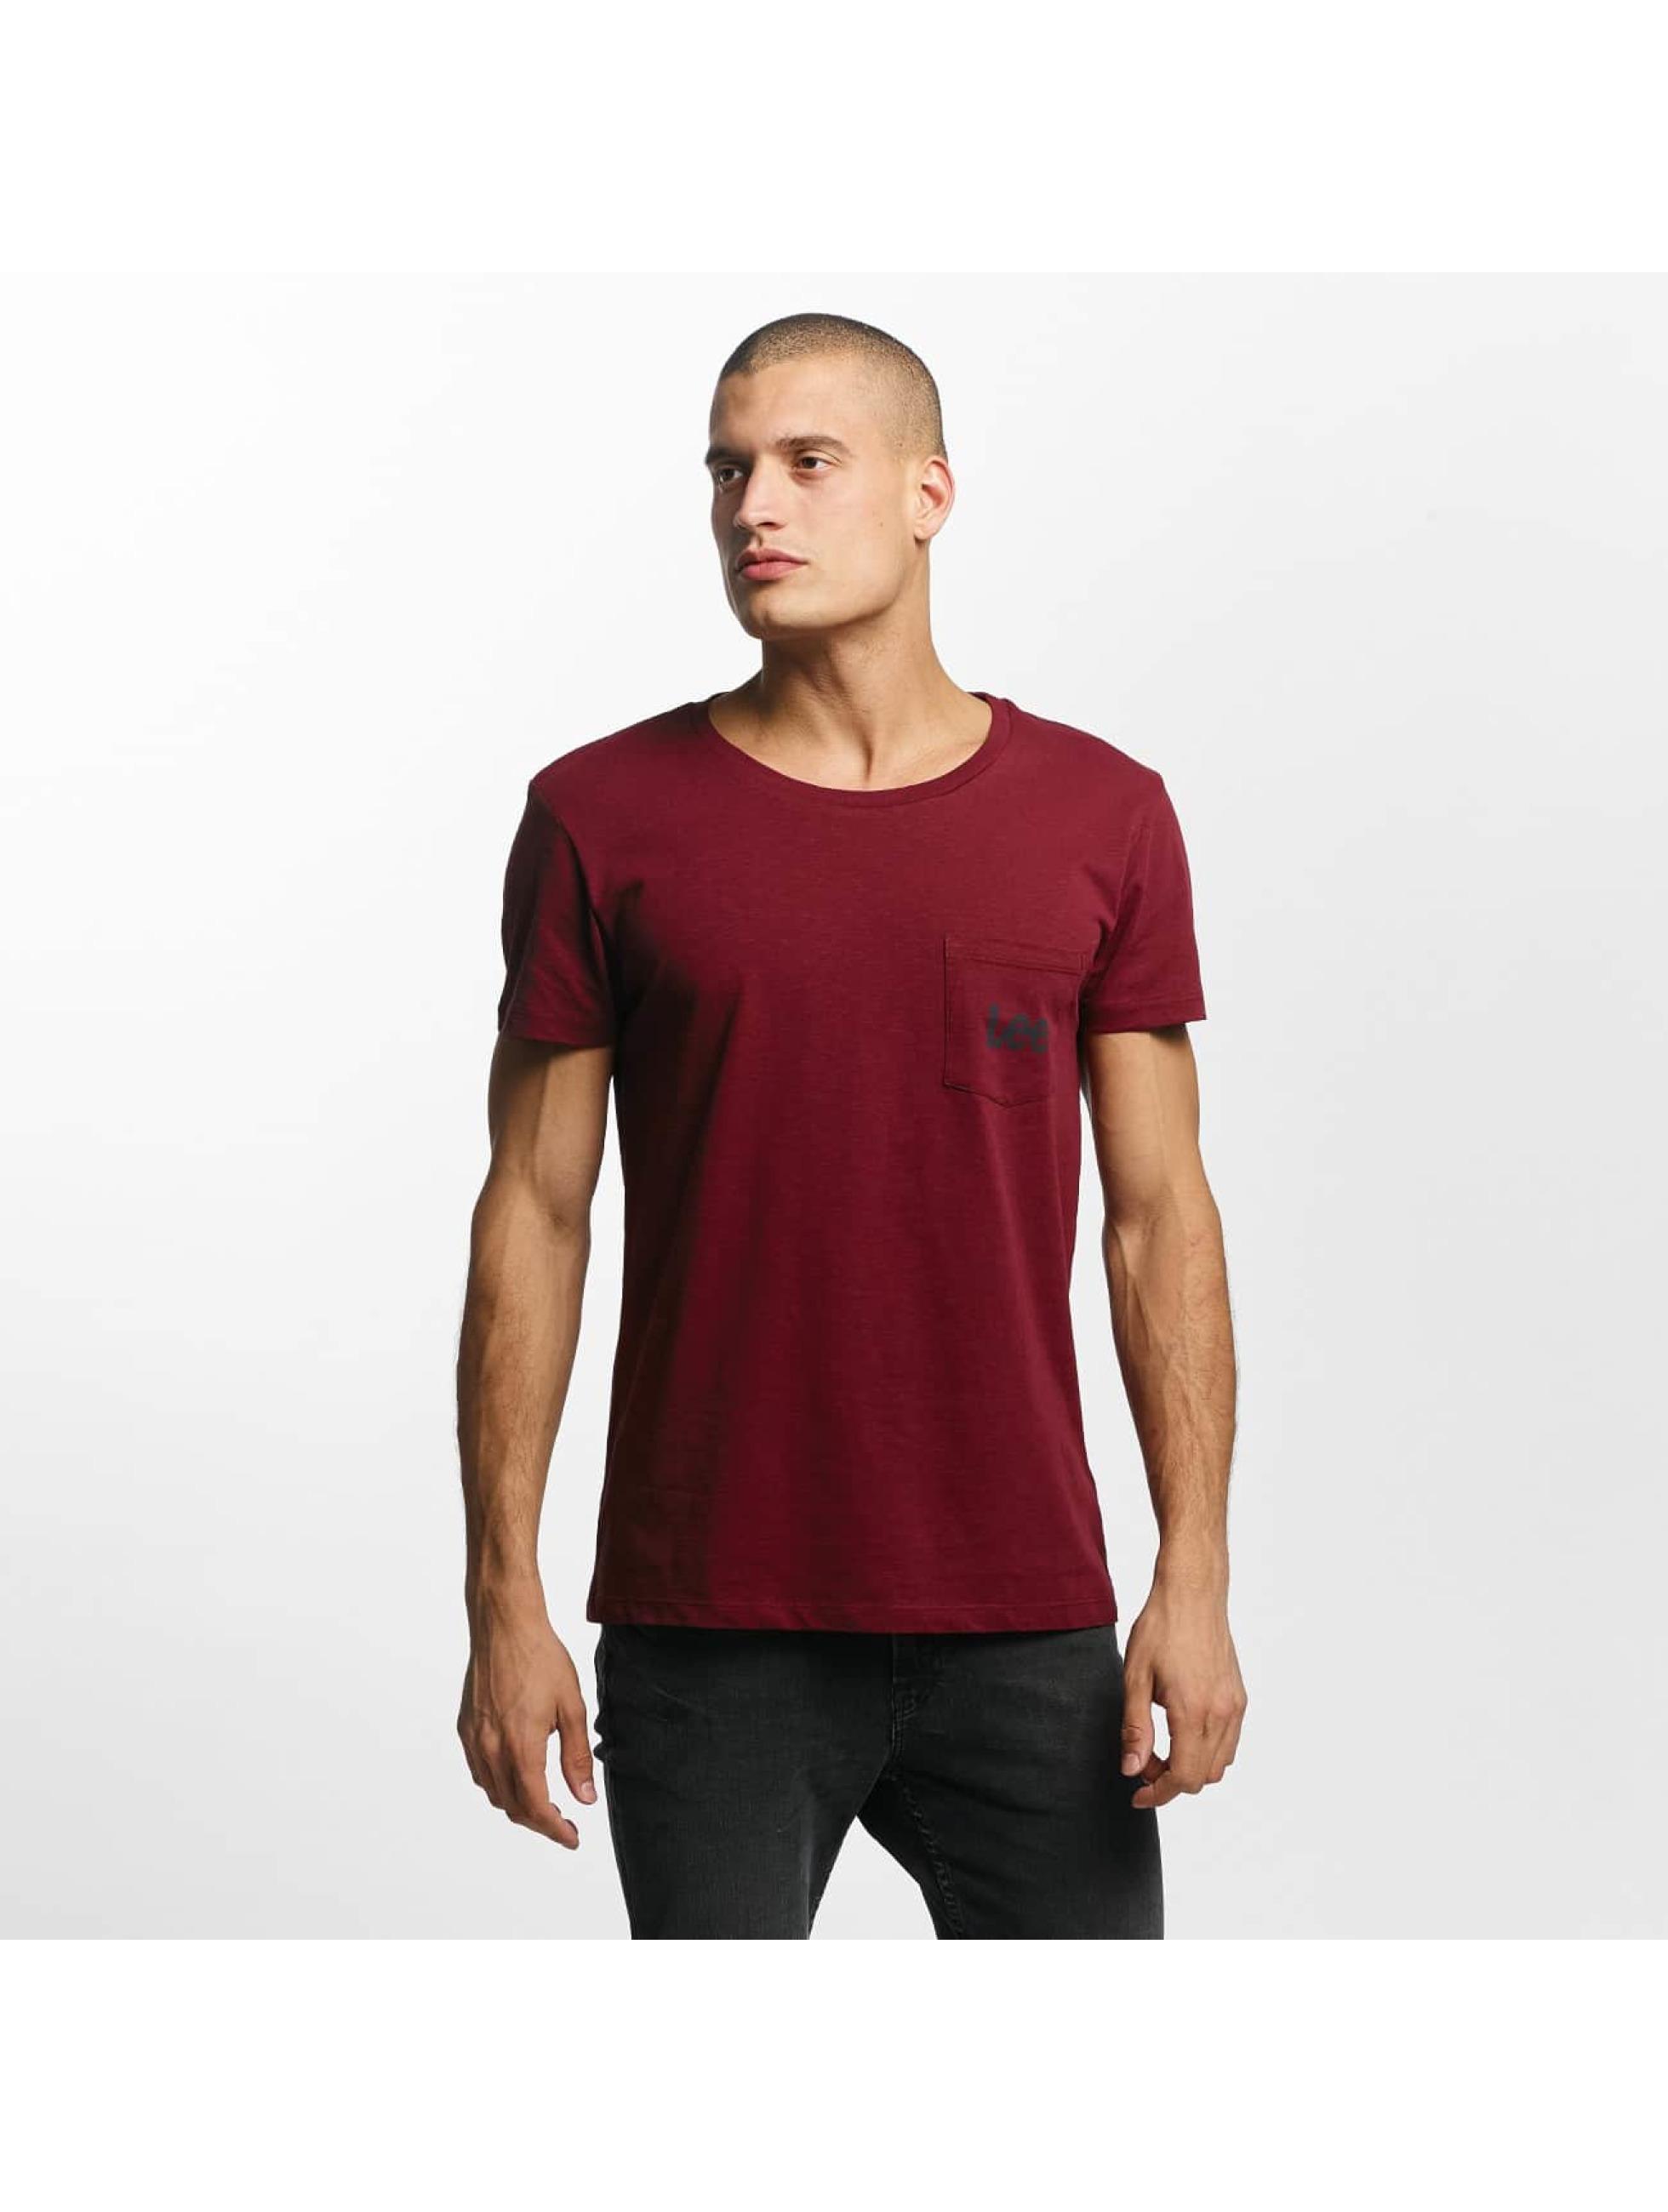 Lee T-Shirt Pocket red